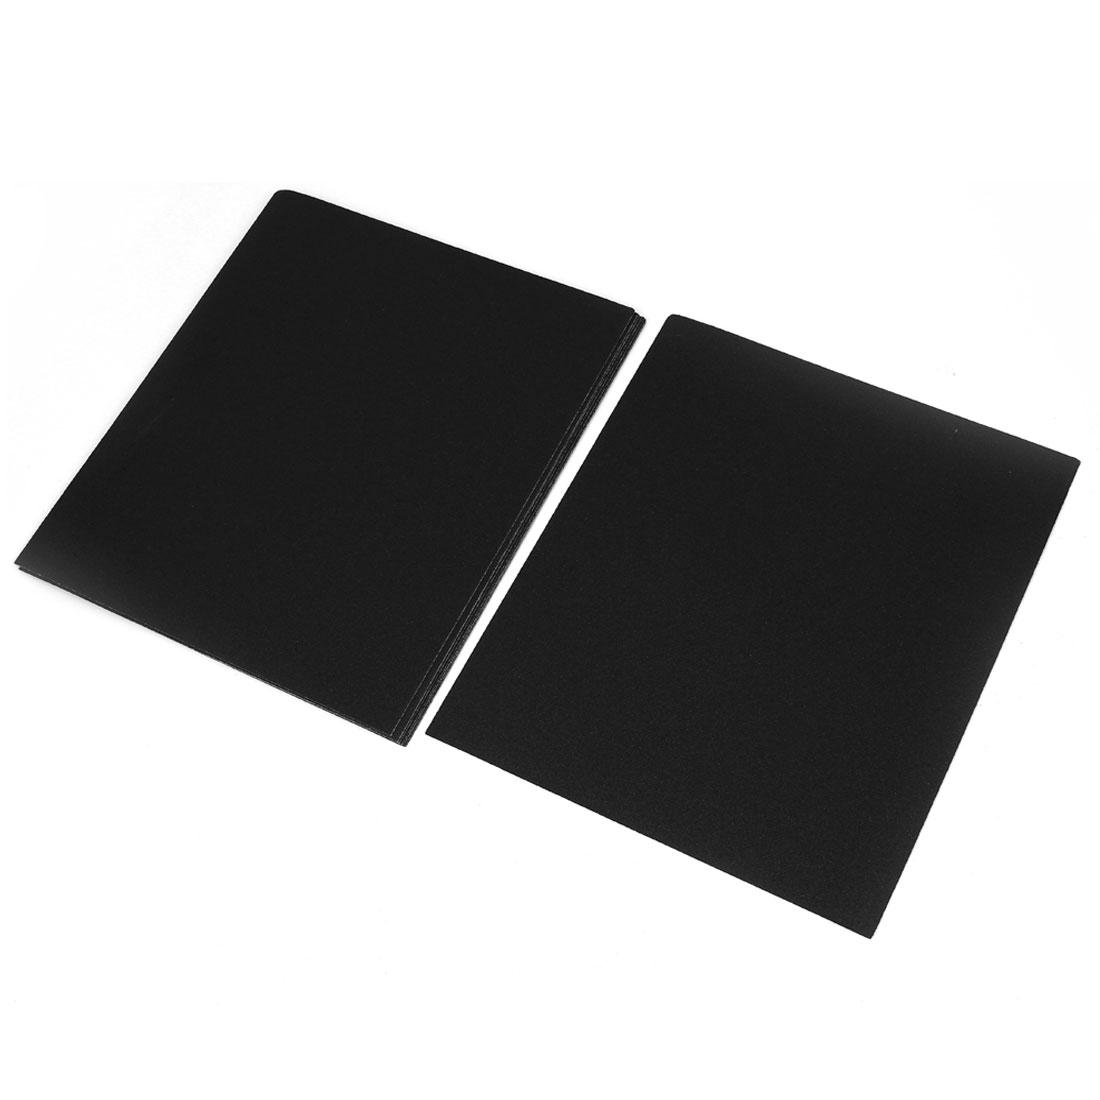 5pcs Abrasive Polishing Square Sandpaper Sheet Paper 120 Grit Gray